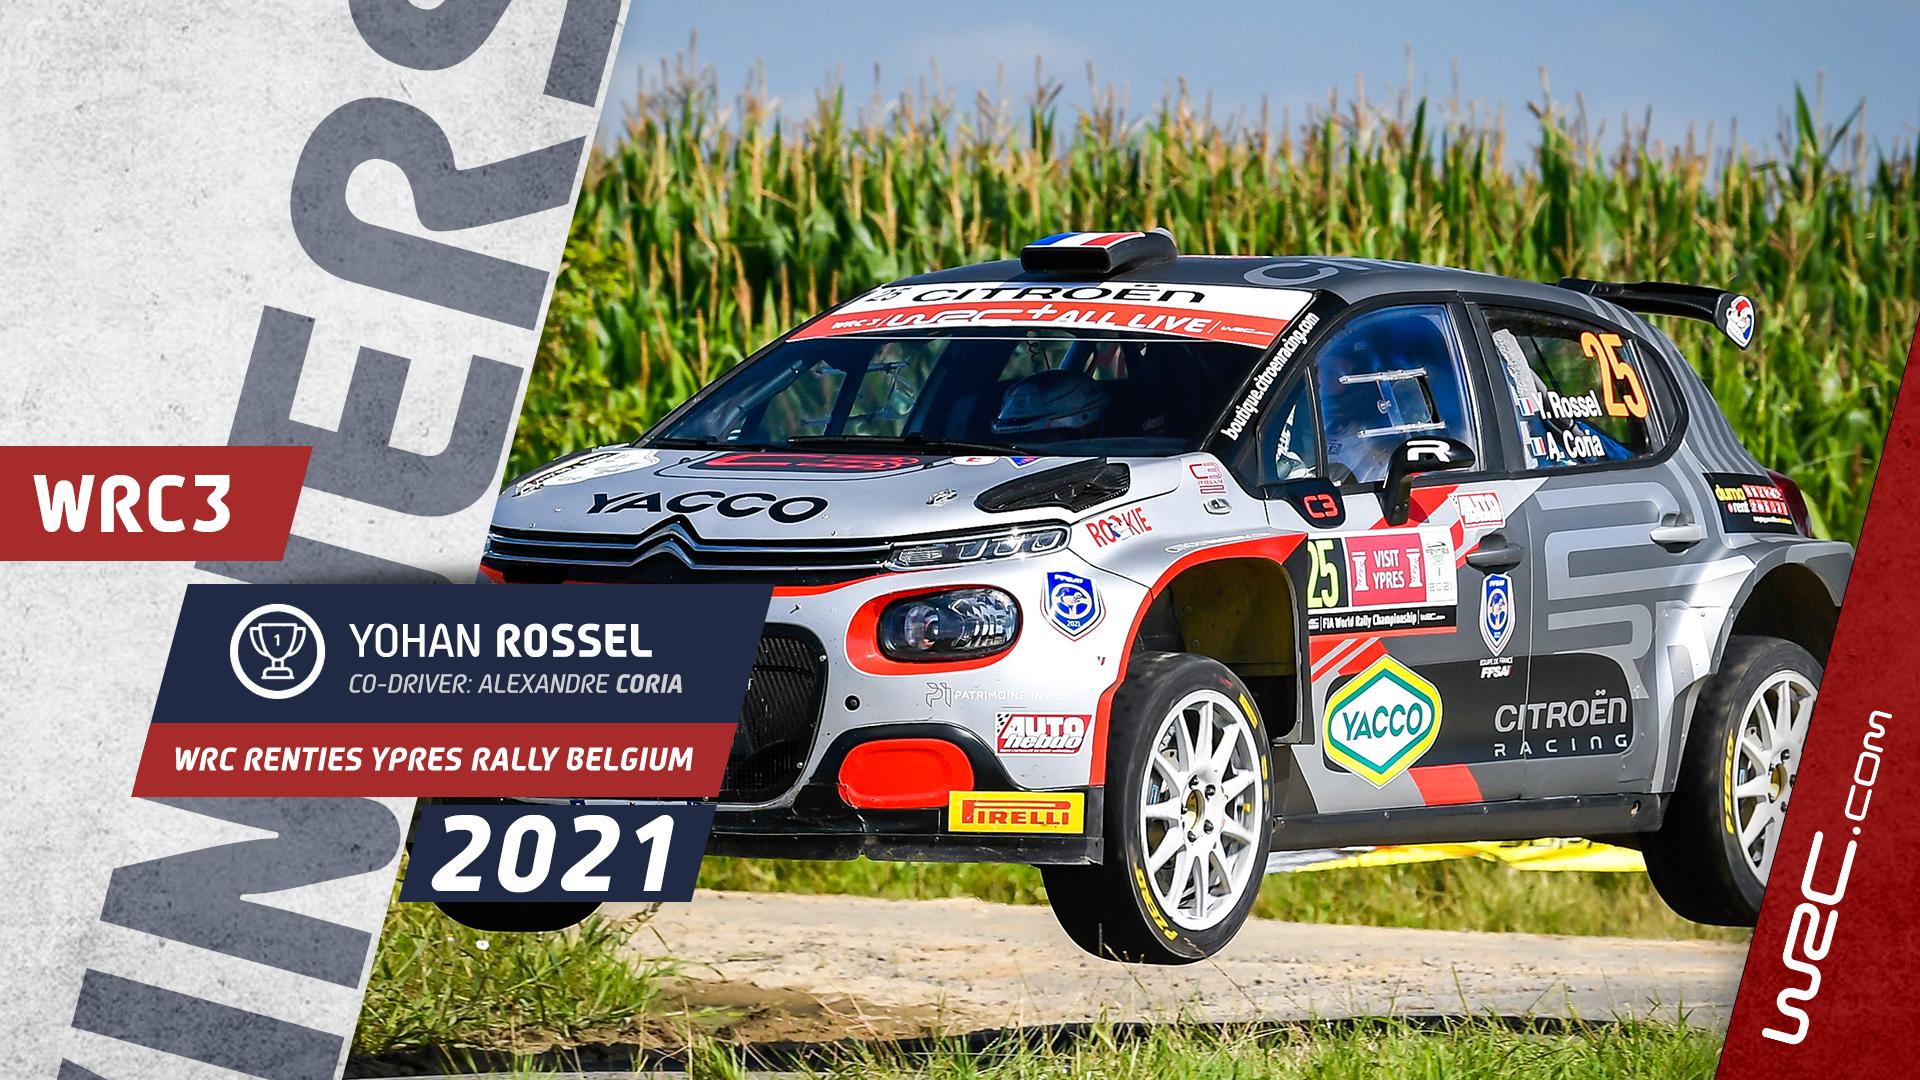 WRC: RENTIES Ypres Rally [13-15 Agosto] - Página 5 150821_winner-WRC3-16_9_BEL